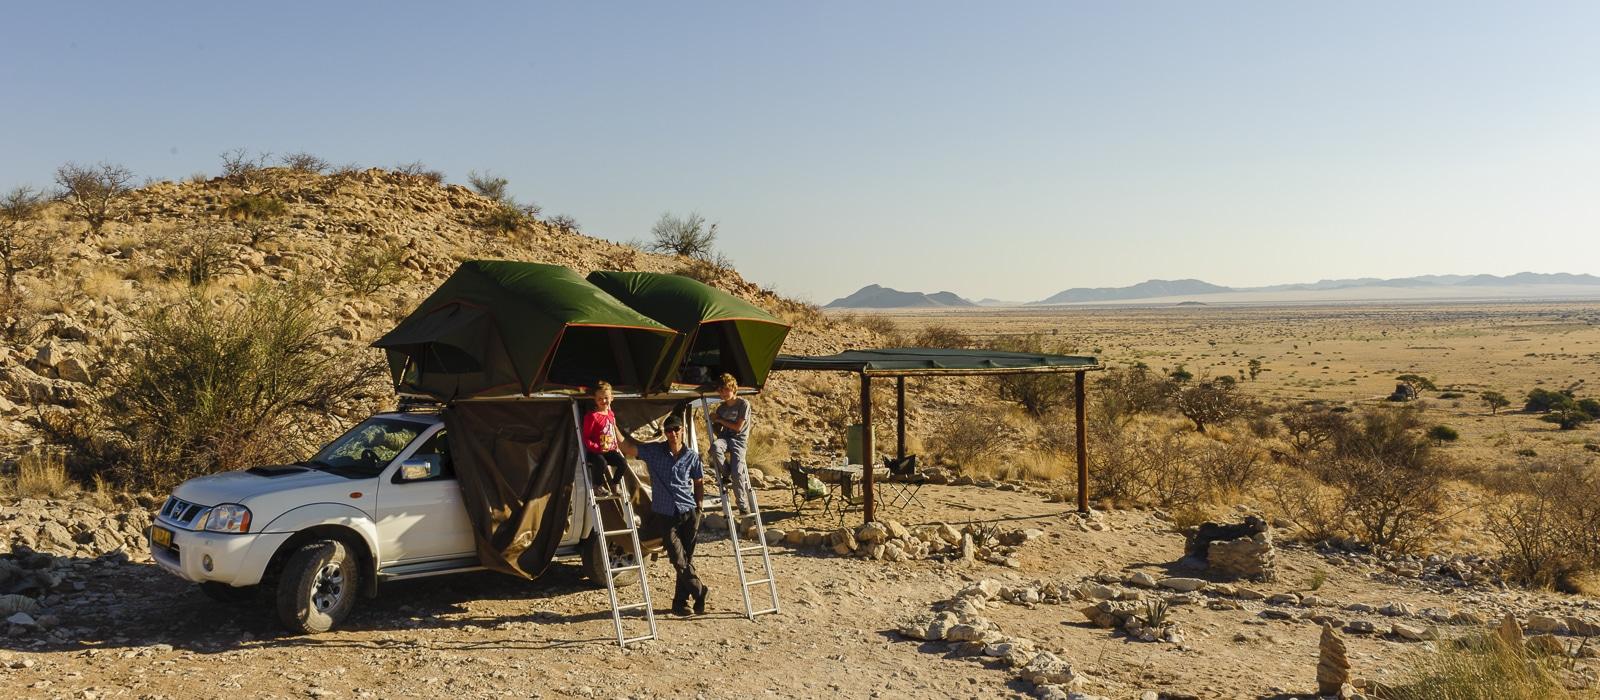 img-diapo-entete - Namibie-1600x700-4-1.jpg